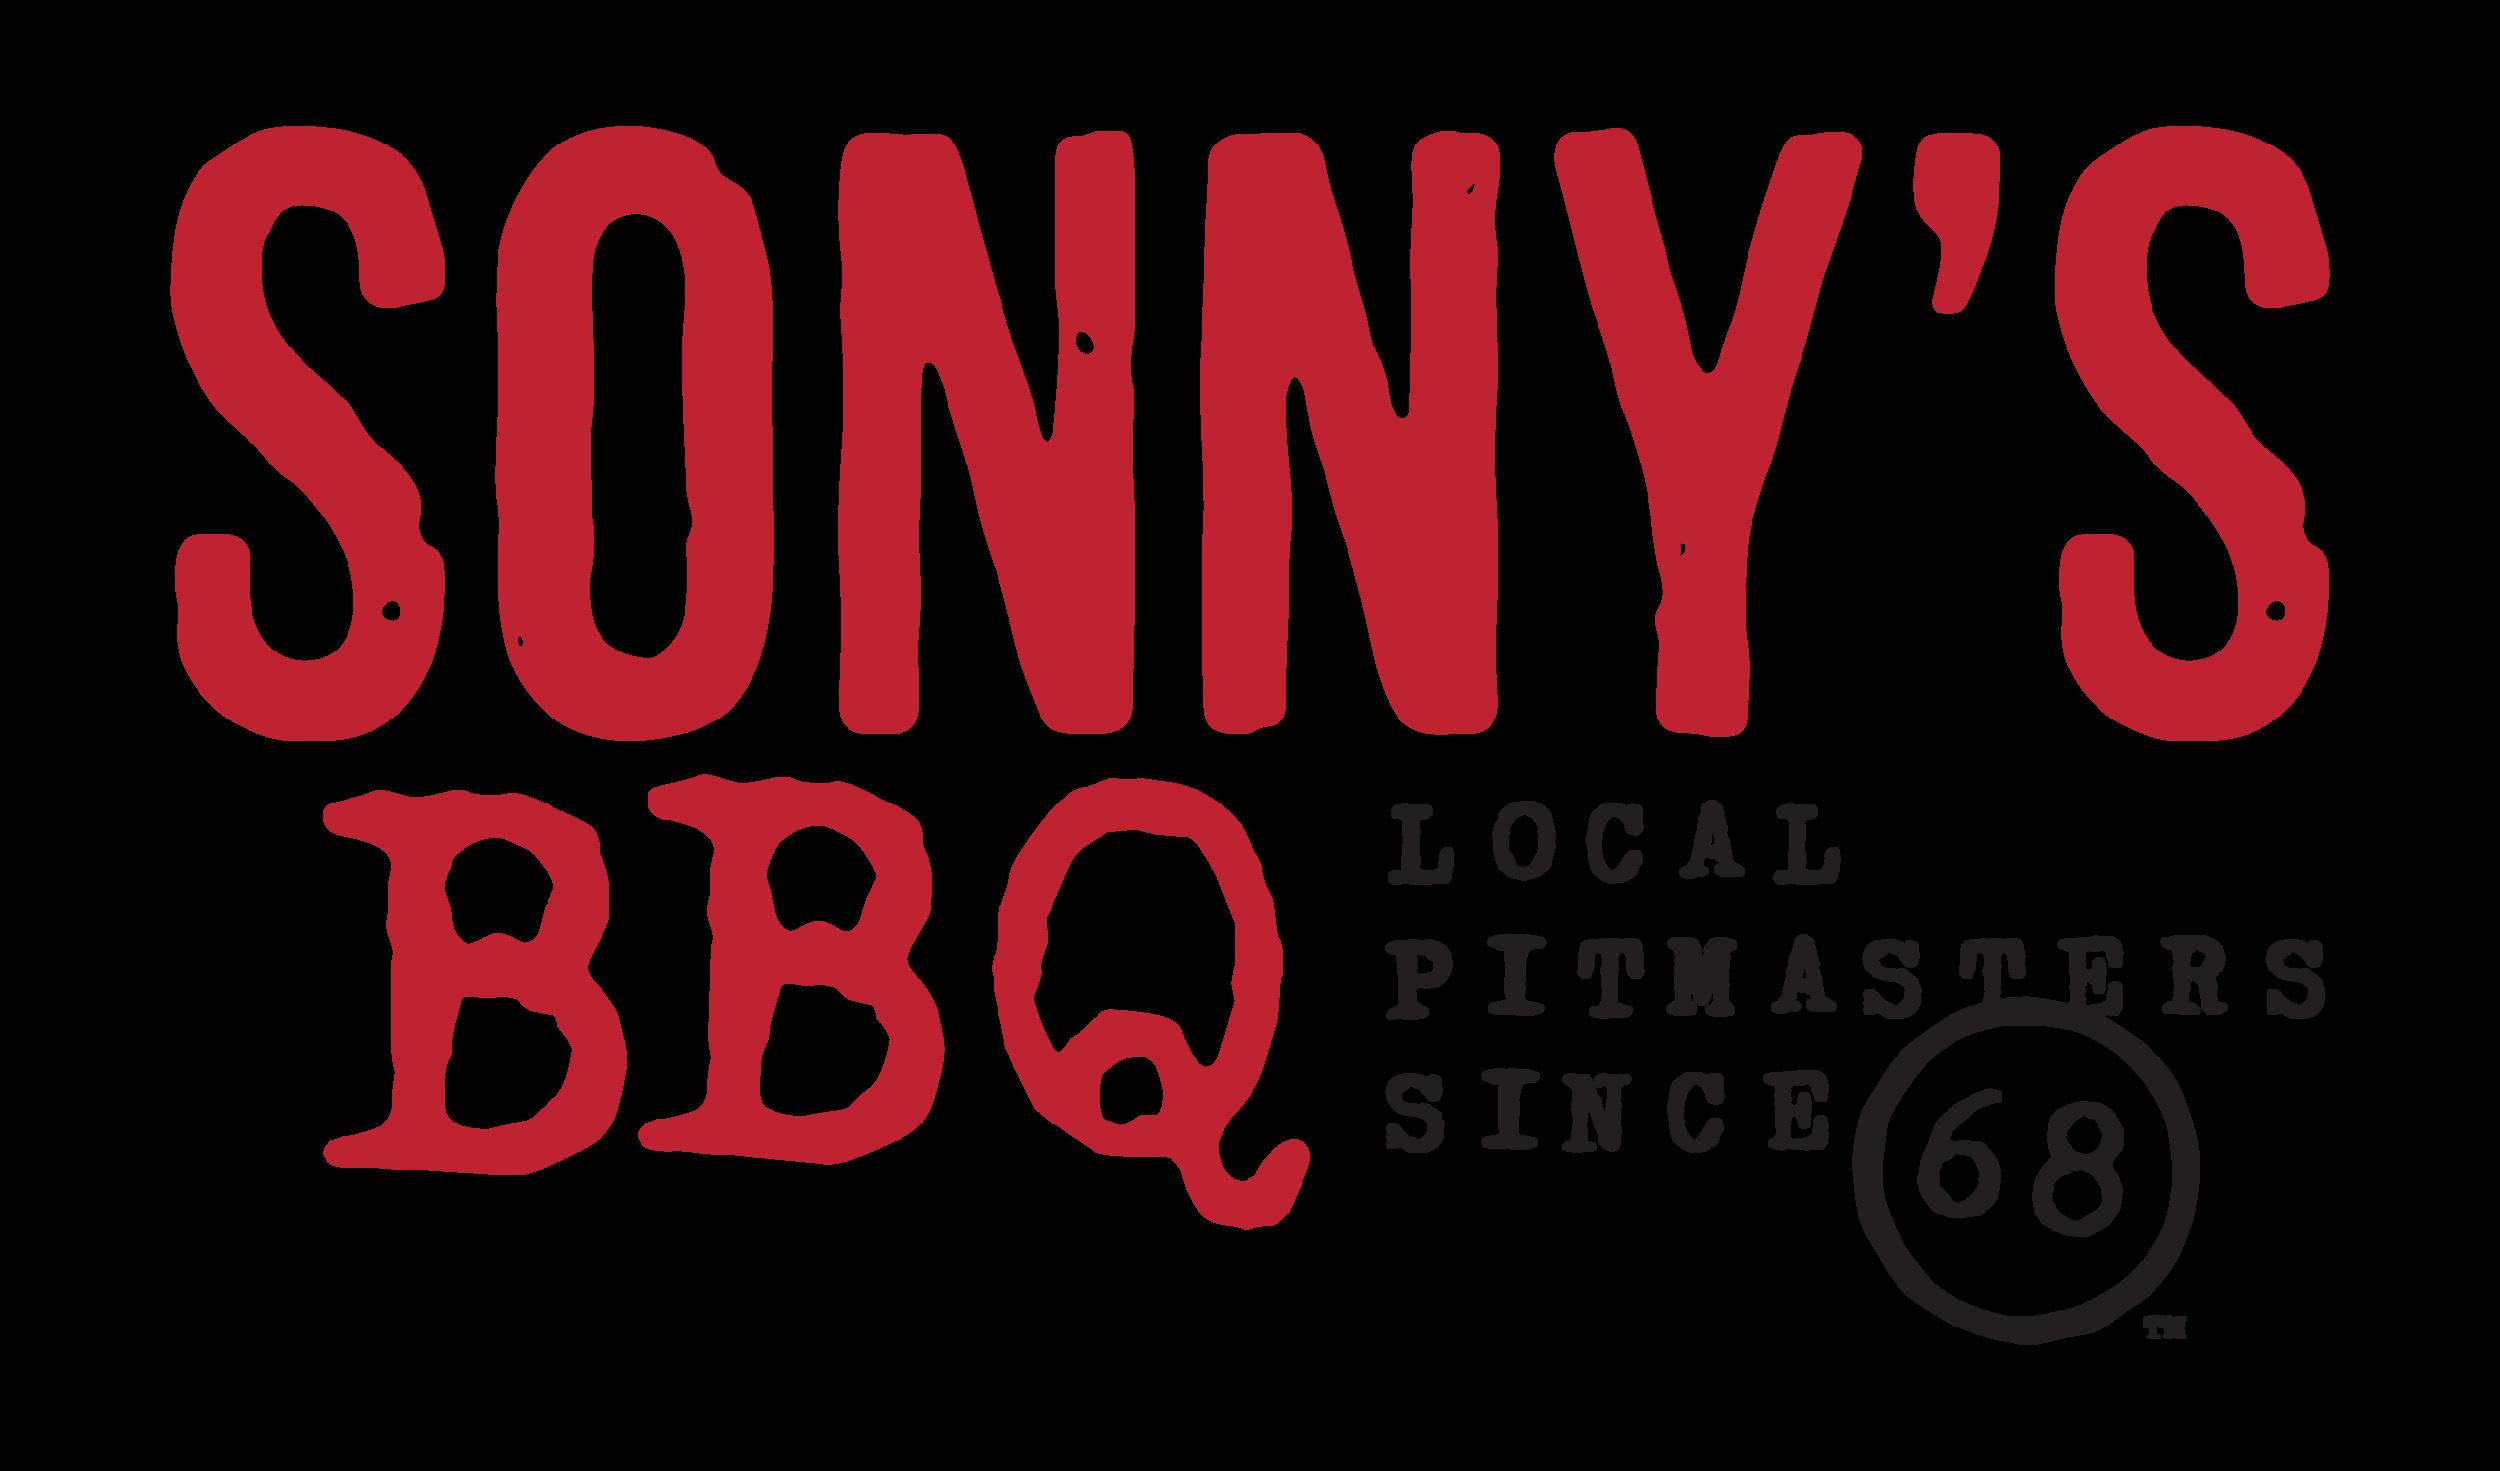 Sonny's.png